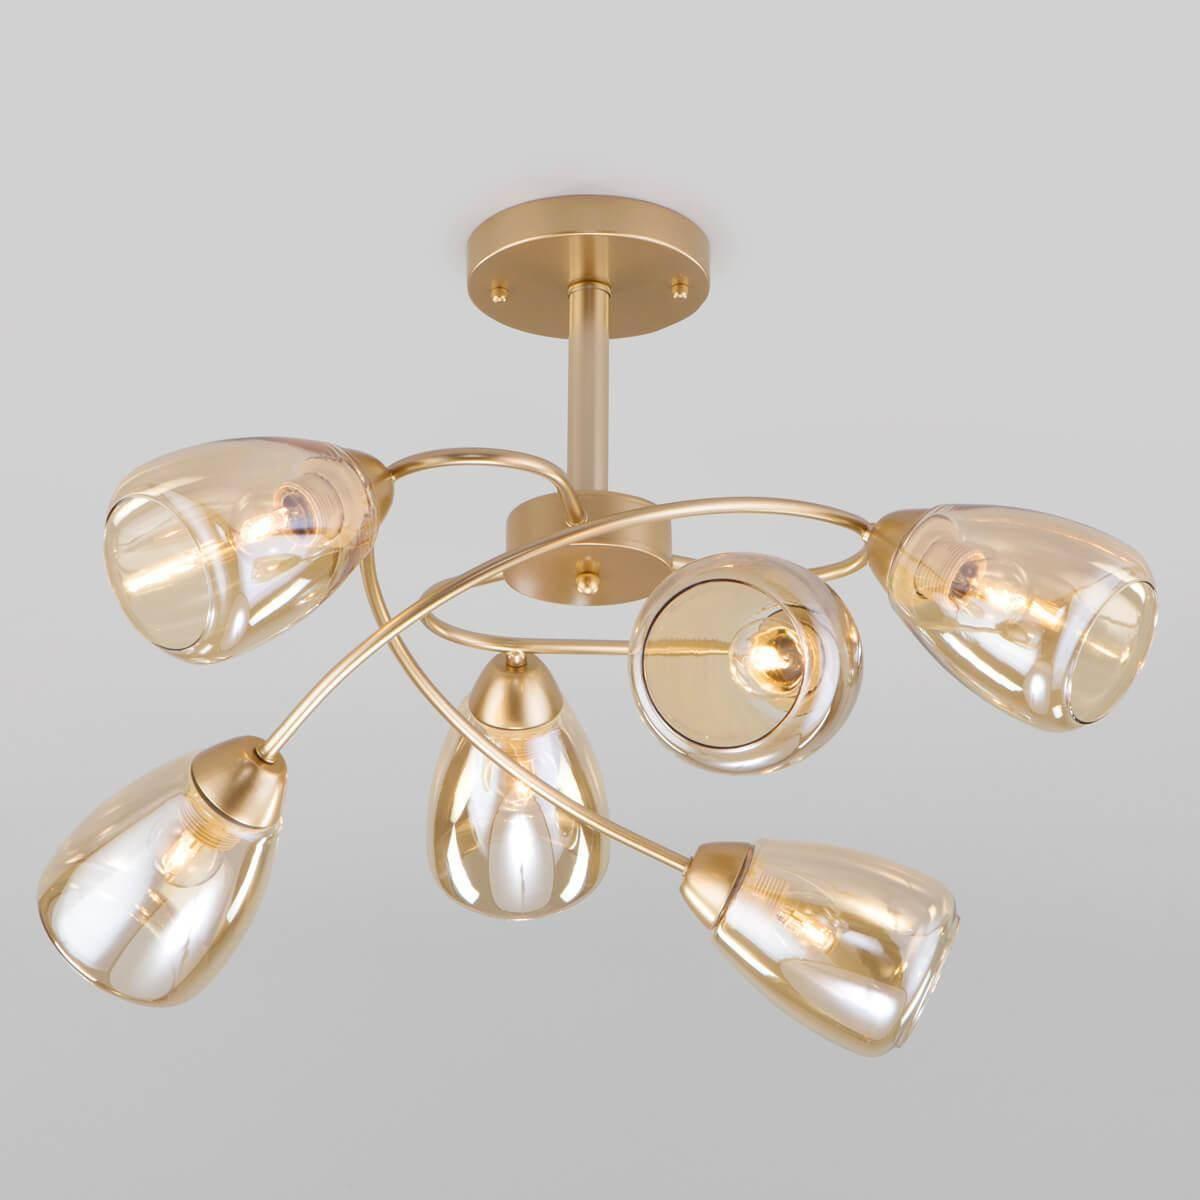 Потолочная люстра Eurosvet Noemi 30168/6 матовое золото